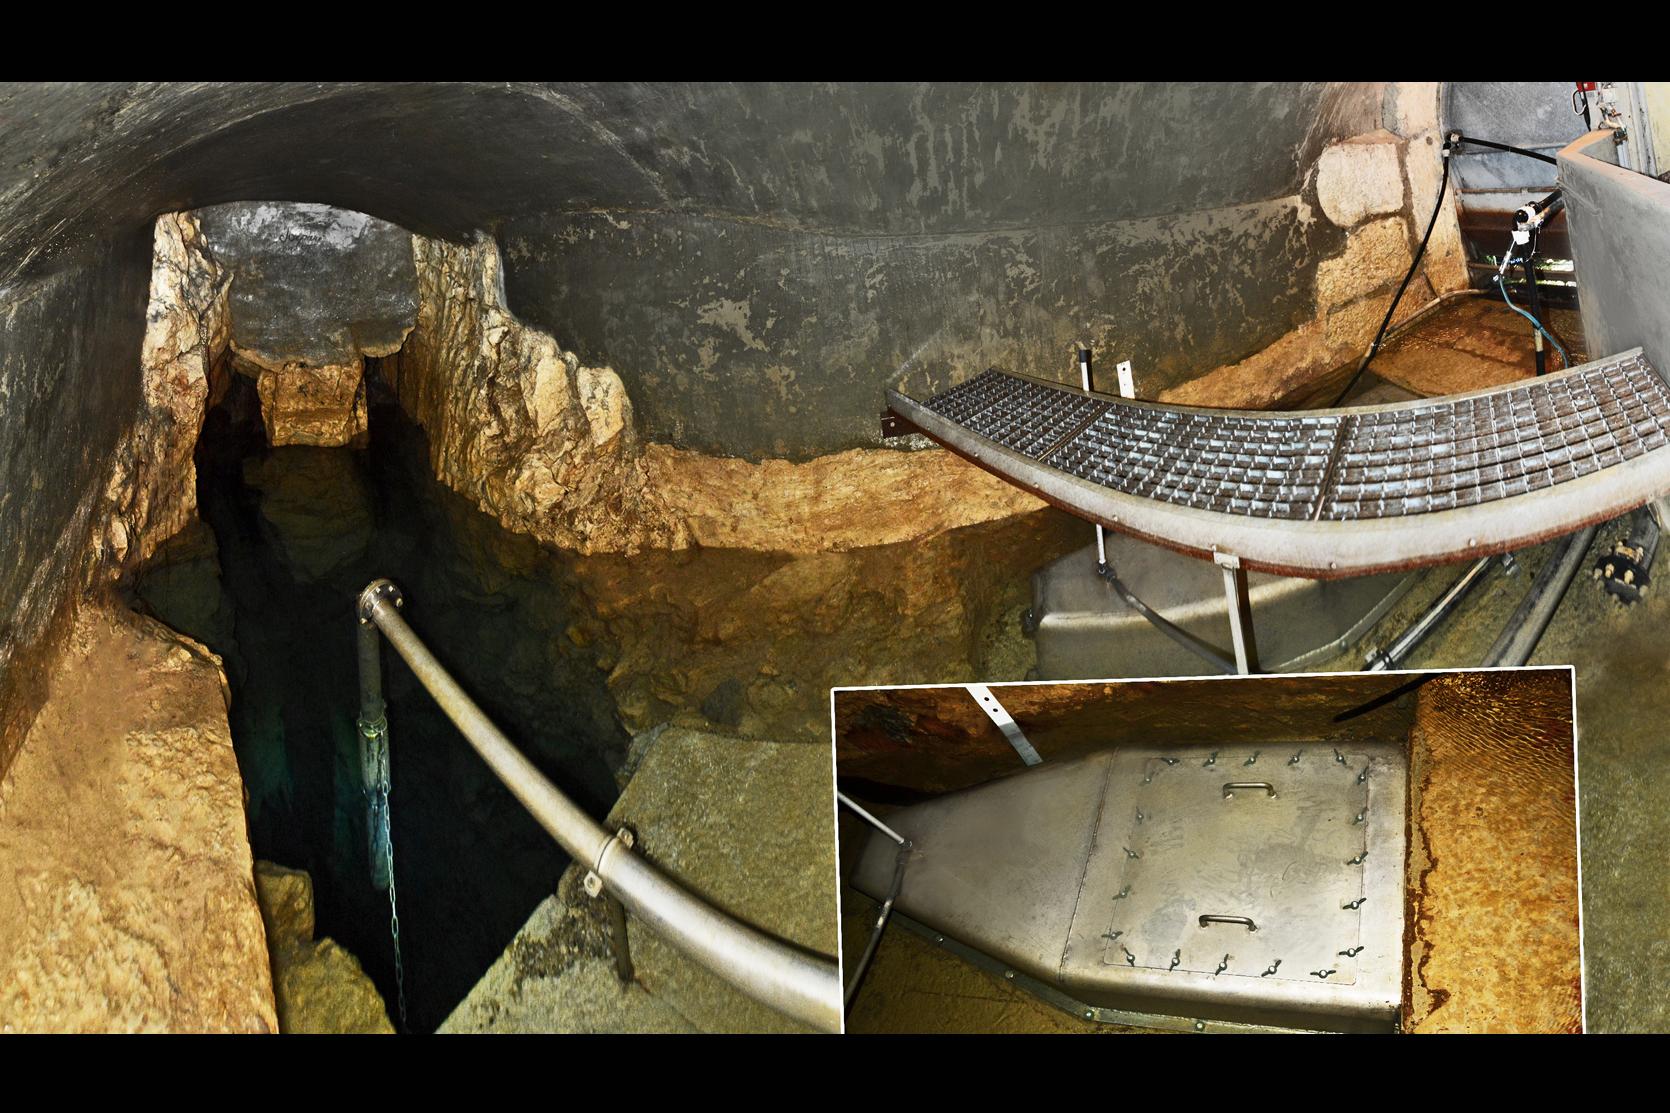 Depuis quelques années, la source des Romains n'est plus raccordée au réseau communal d'eau potable. Toutefois, elle aliment encore des fontaines privées de la Vieille Ville.